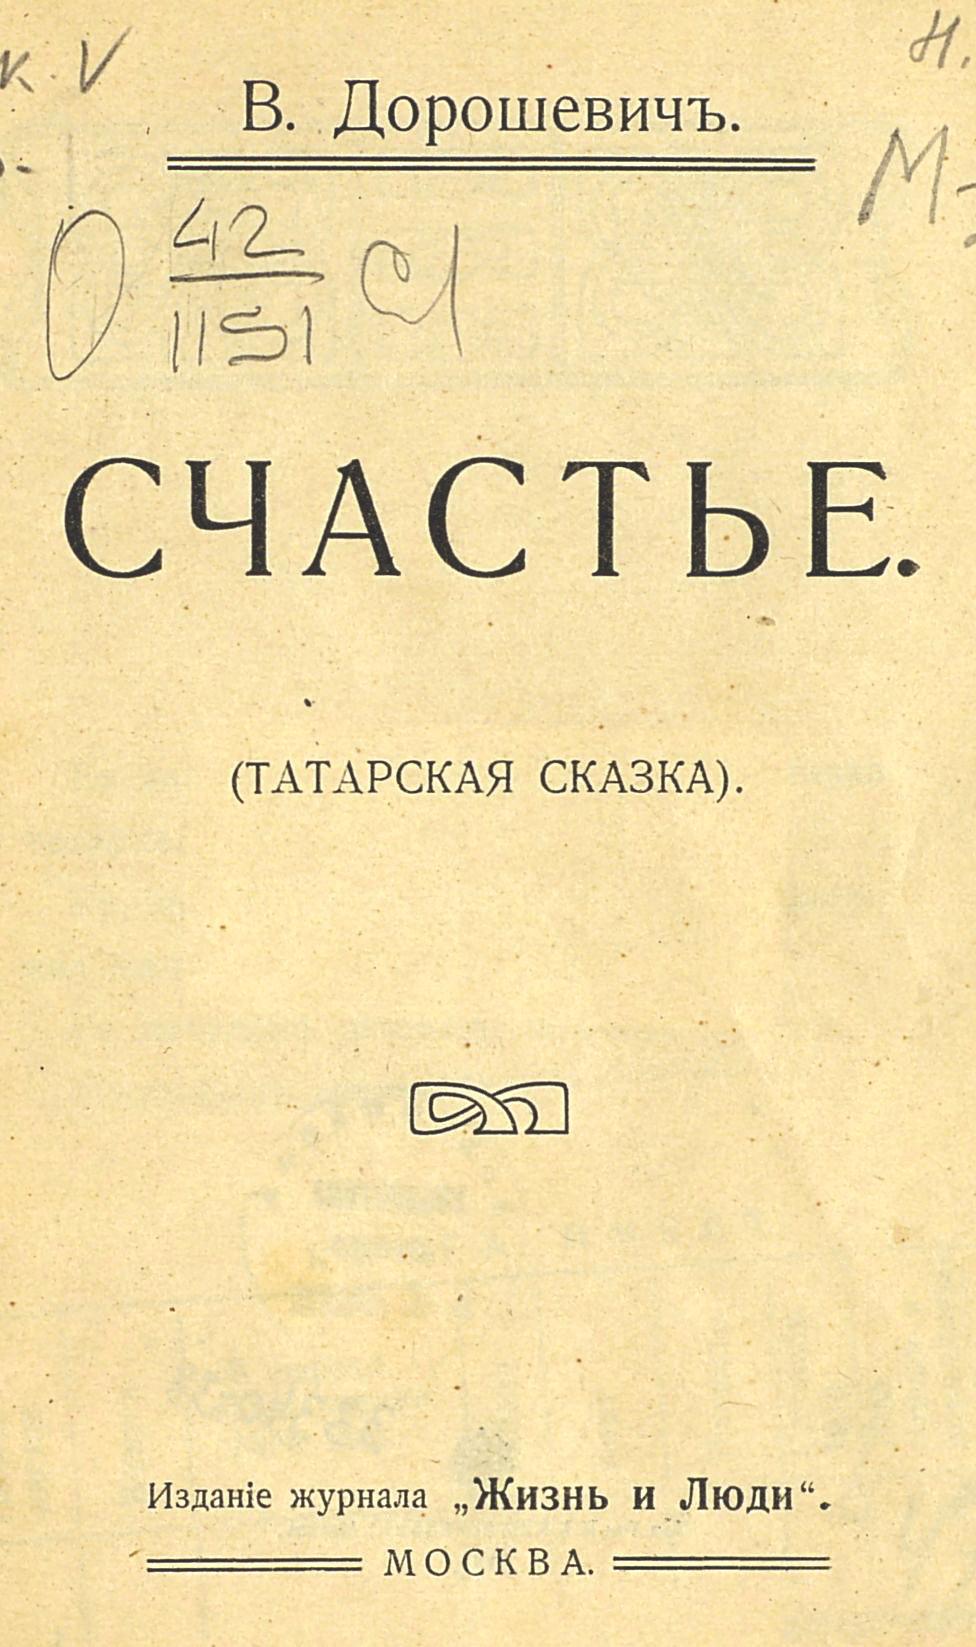 1910. Дорошевич. Счастье (татарская сказка)